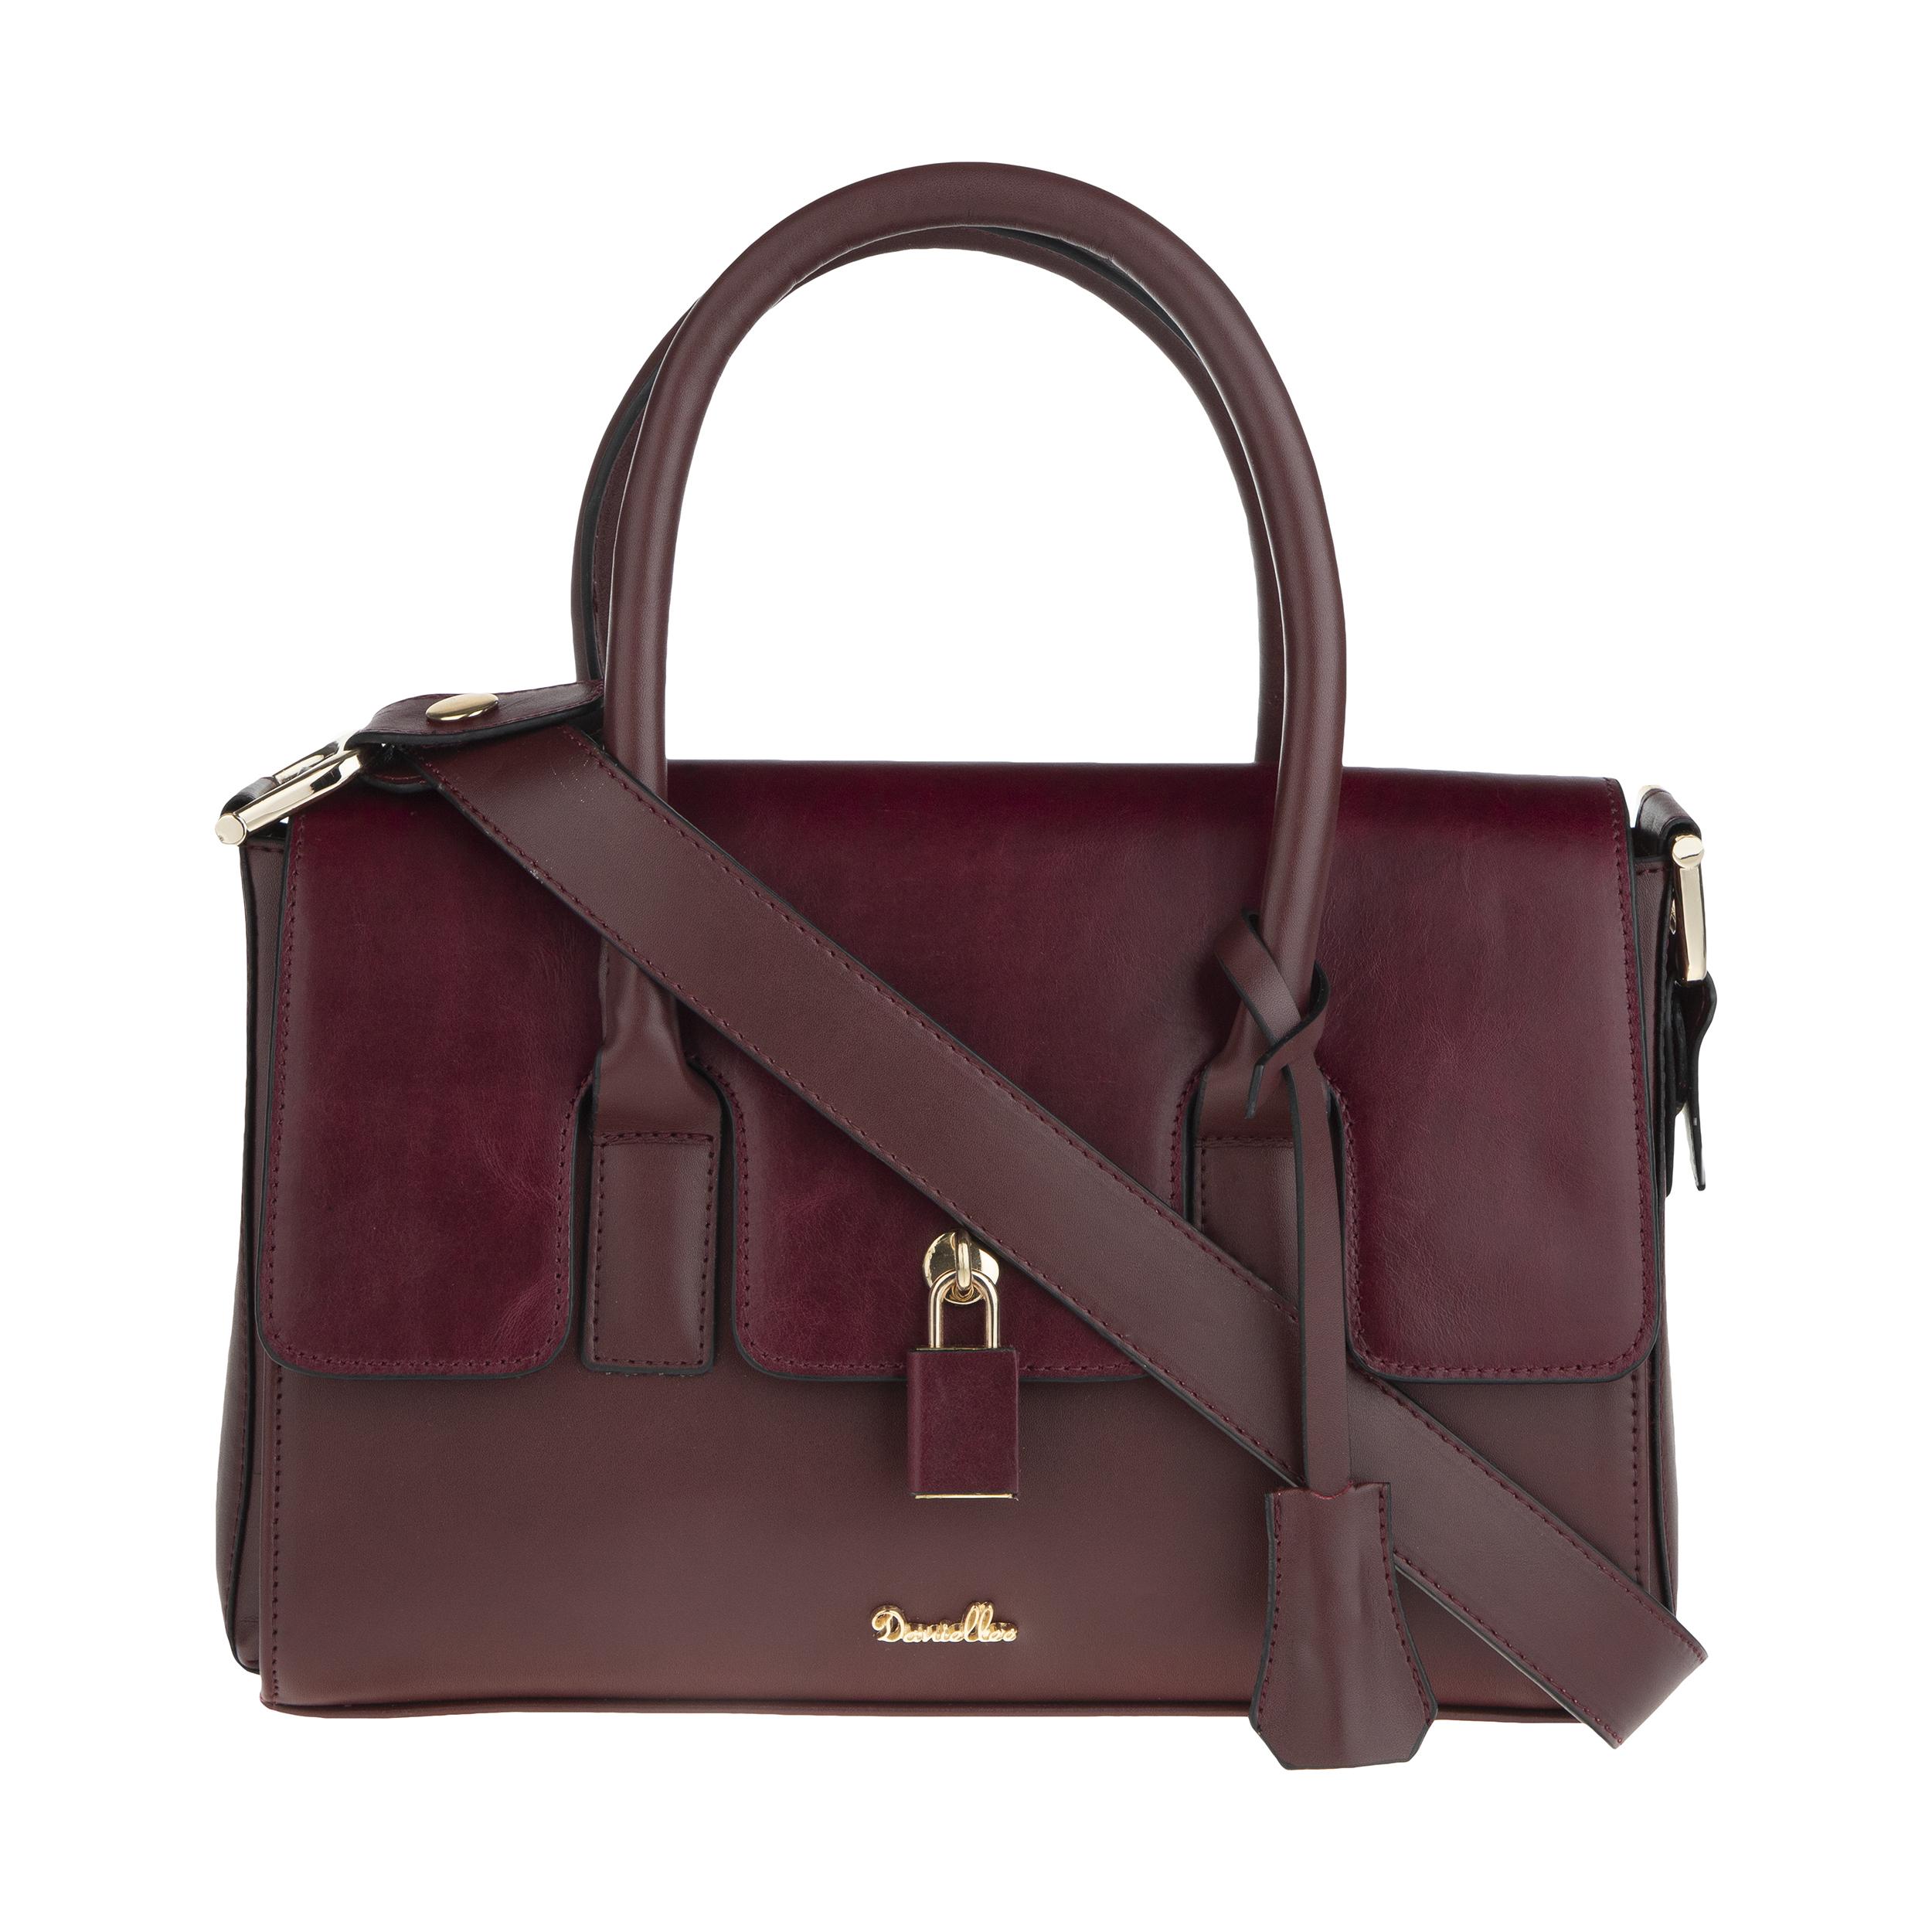 کیف دستی زنانه دنیلی مدل 402200171609